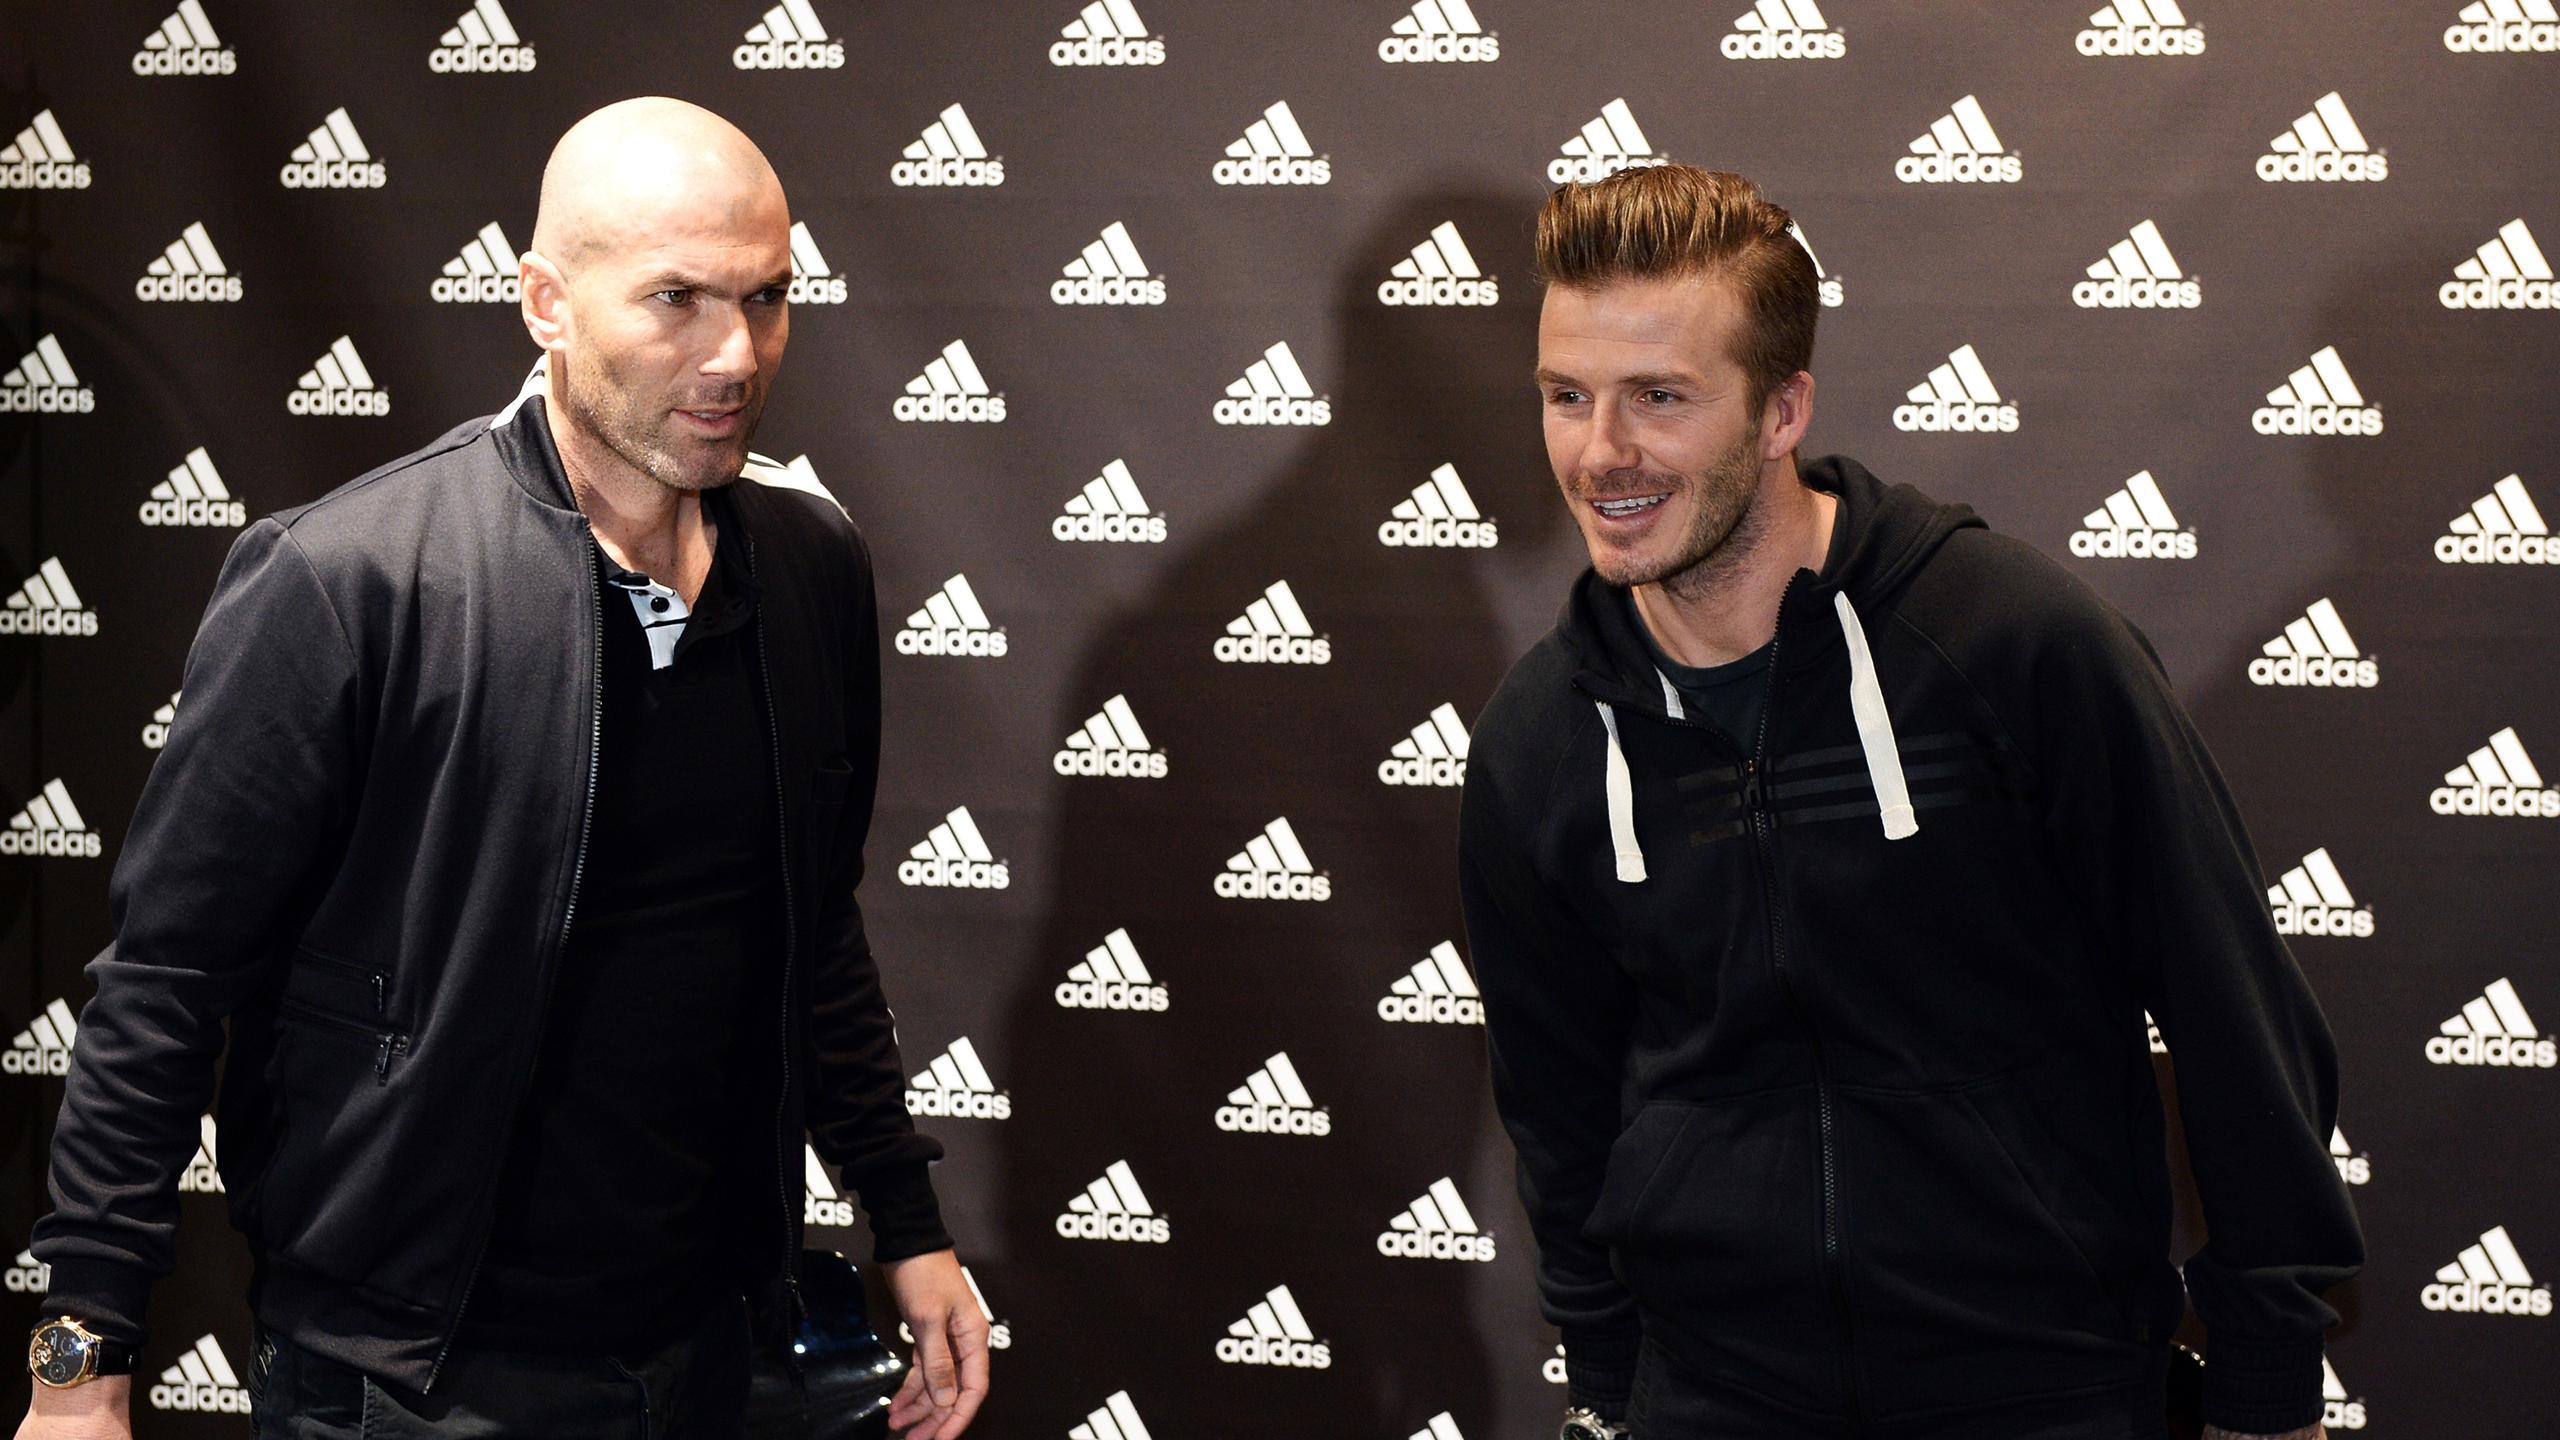 Zinedine Zidane and David Beckham at an event in Paris